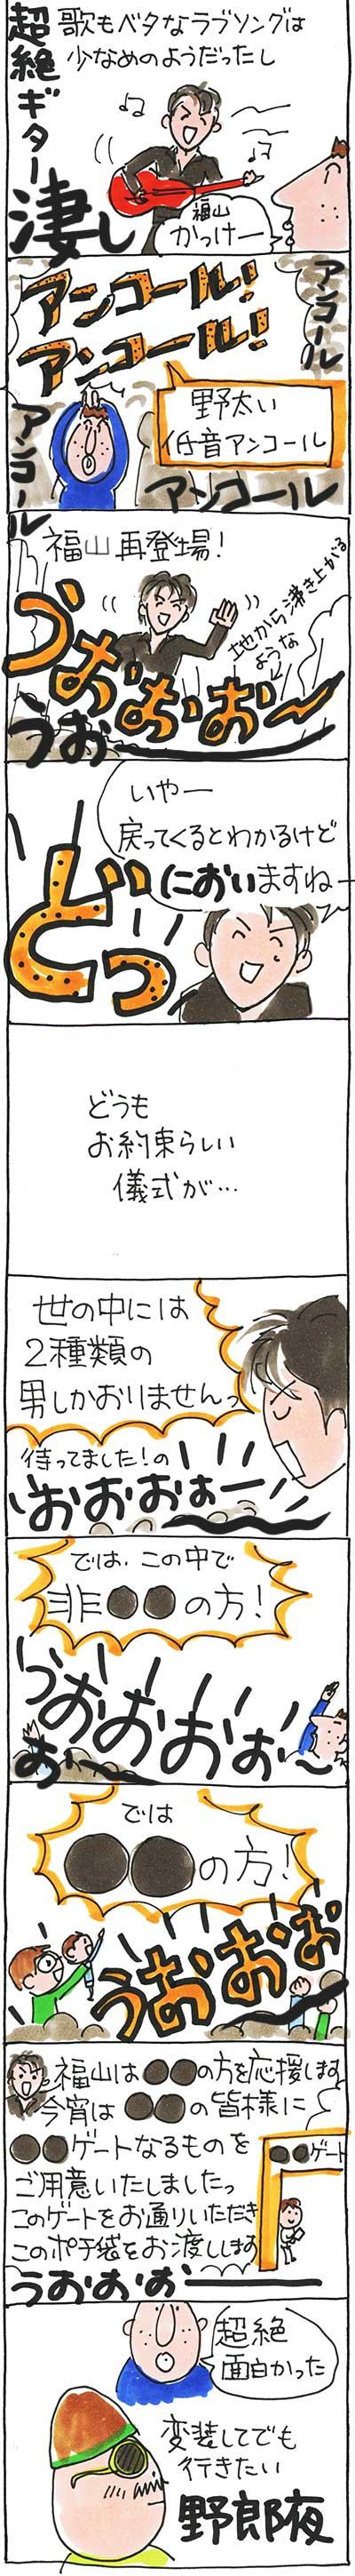 151224福山野郎夜02